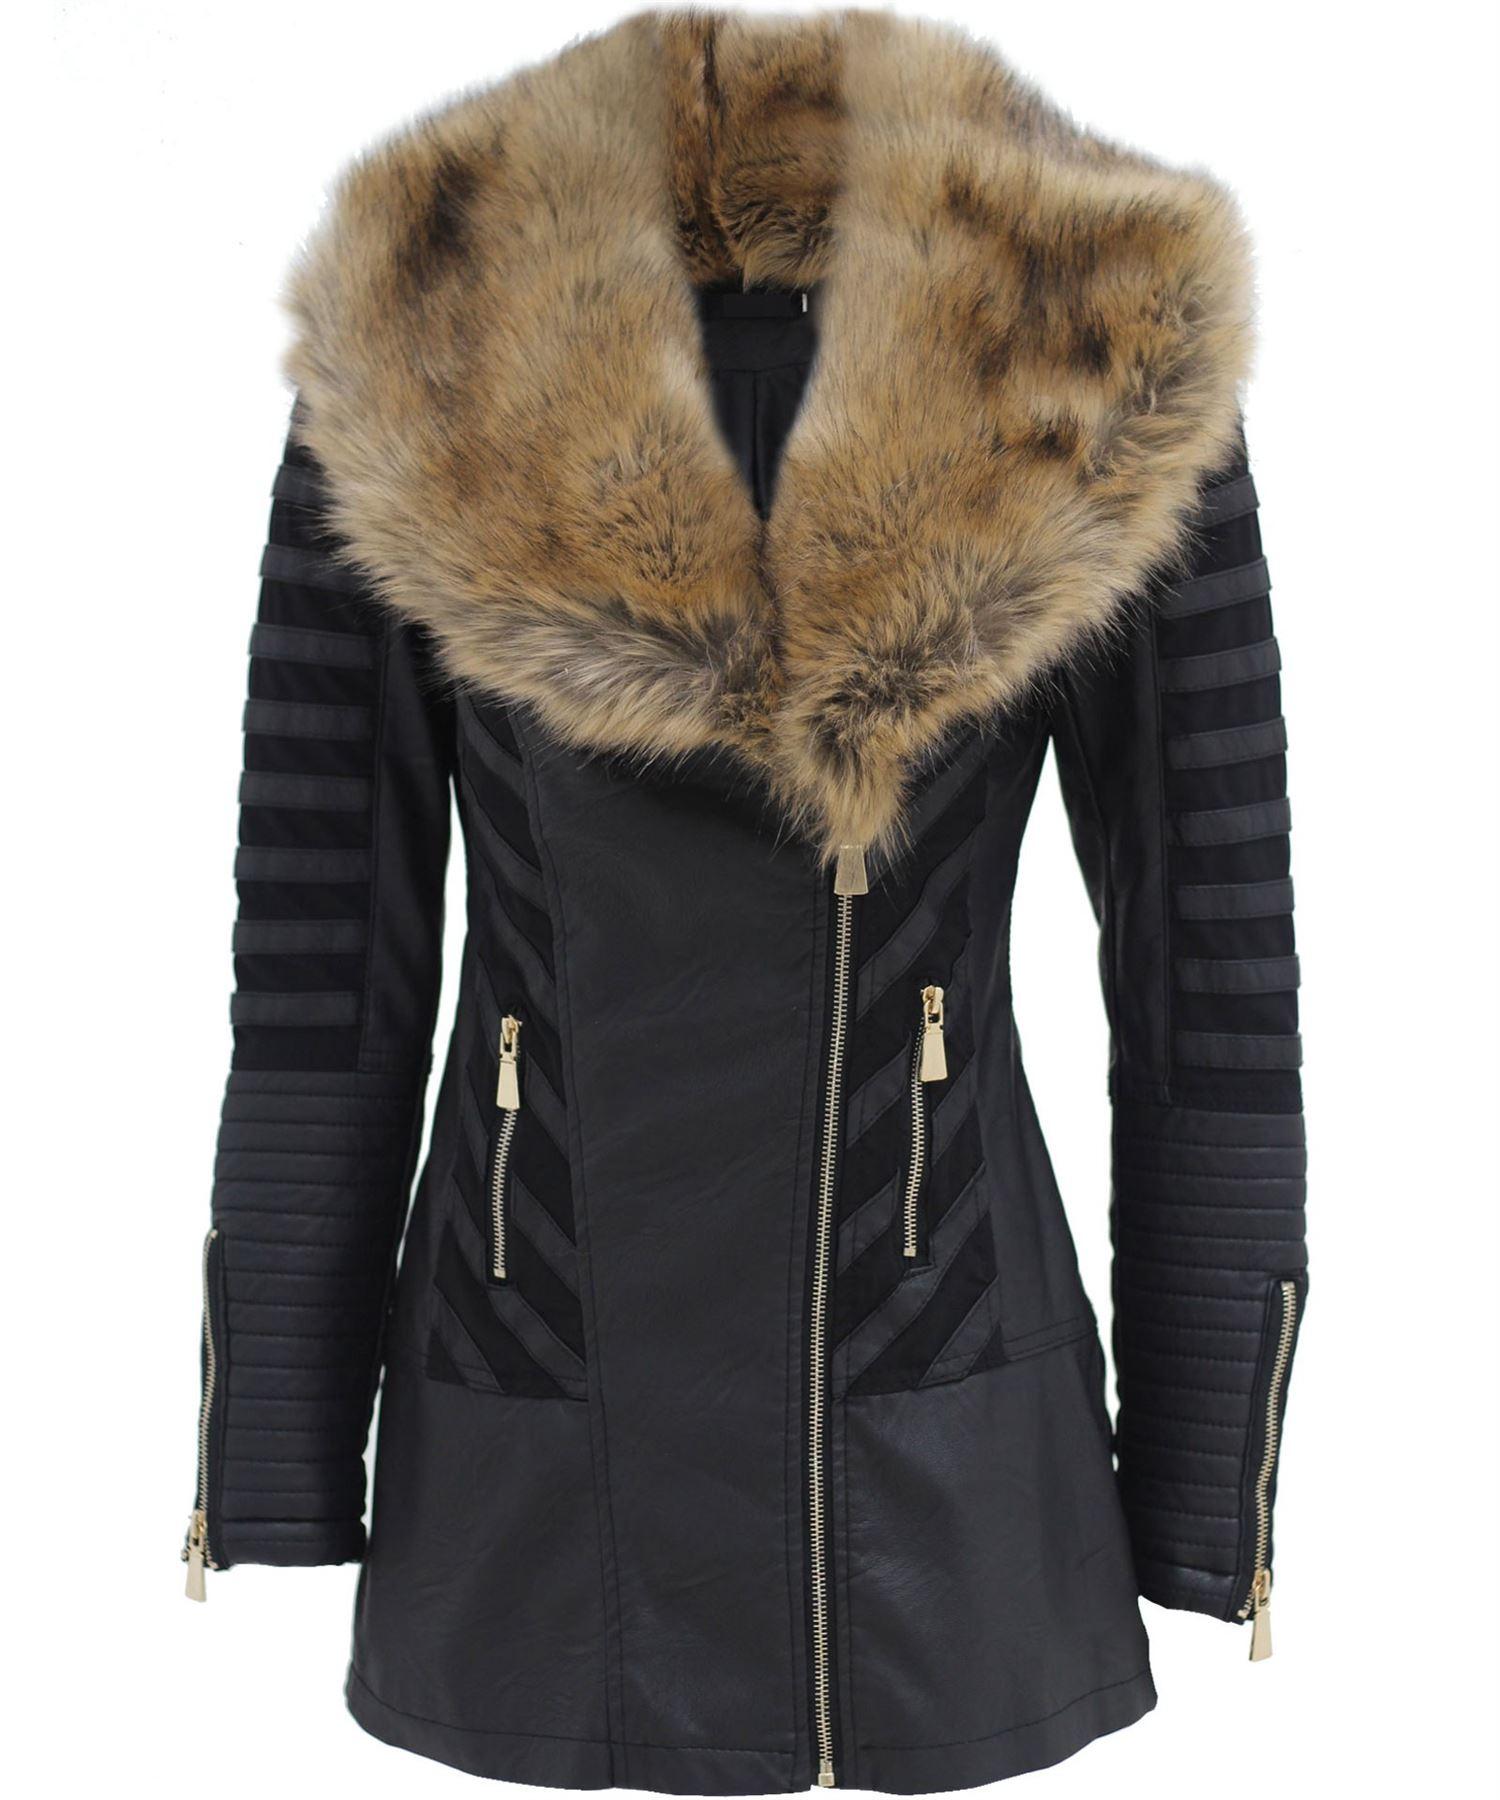 More Details Mackage Ingrid Leather Jacket w/ Fur Collar Details Mackage